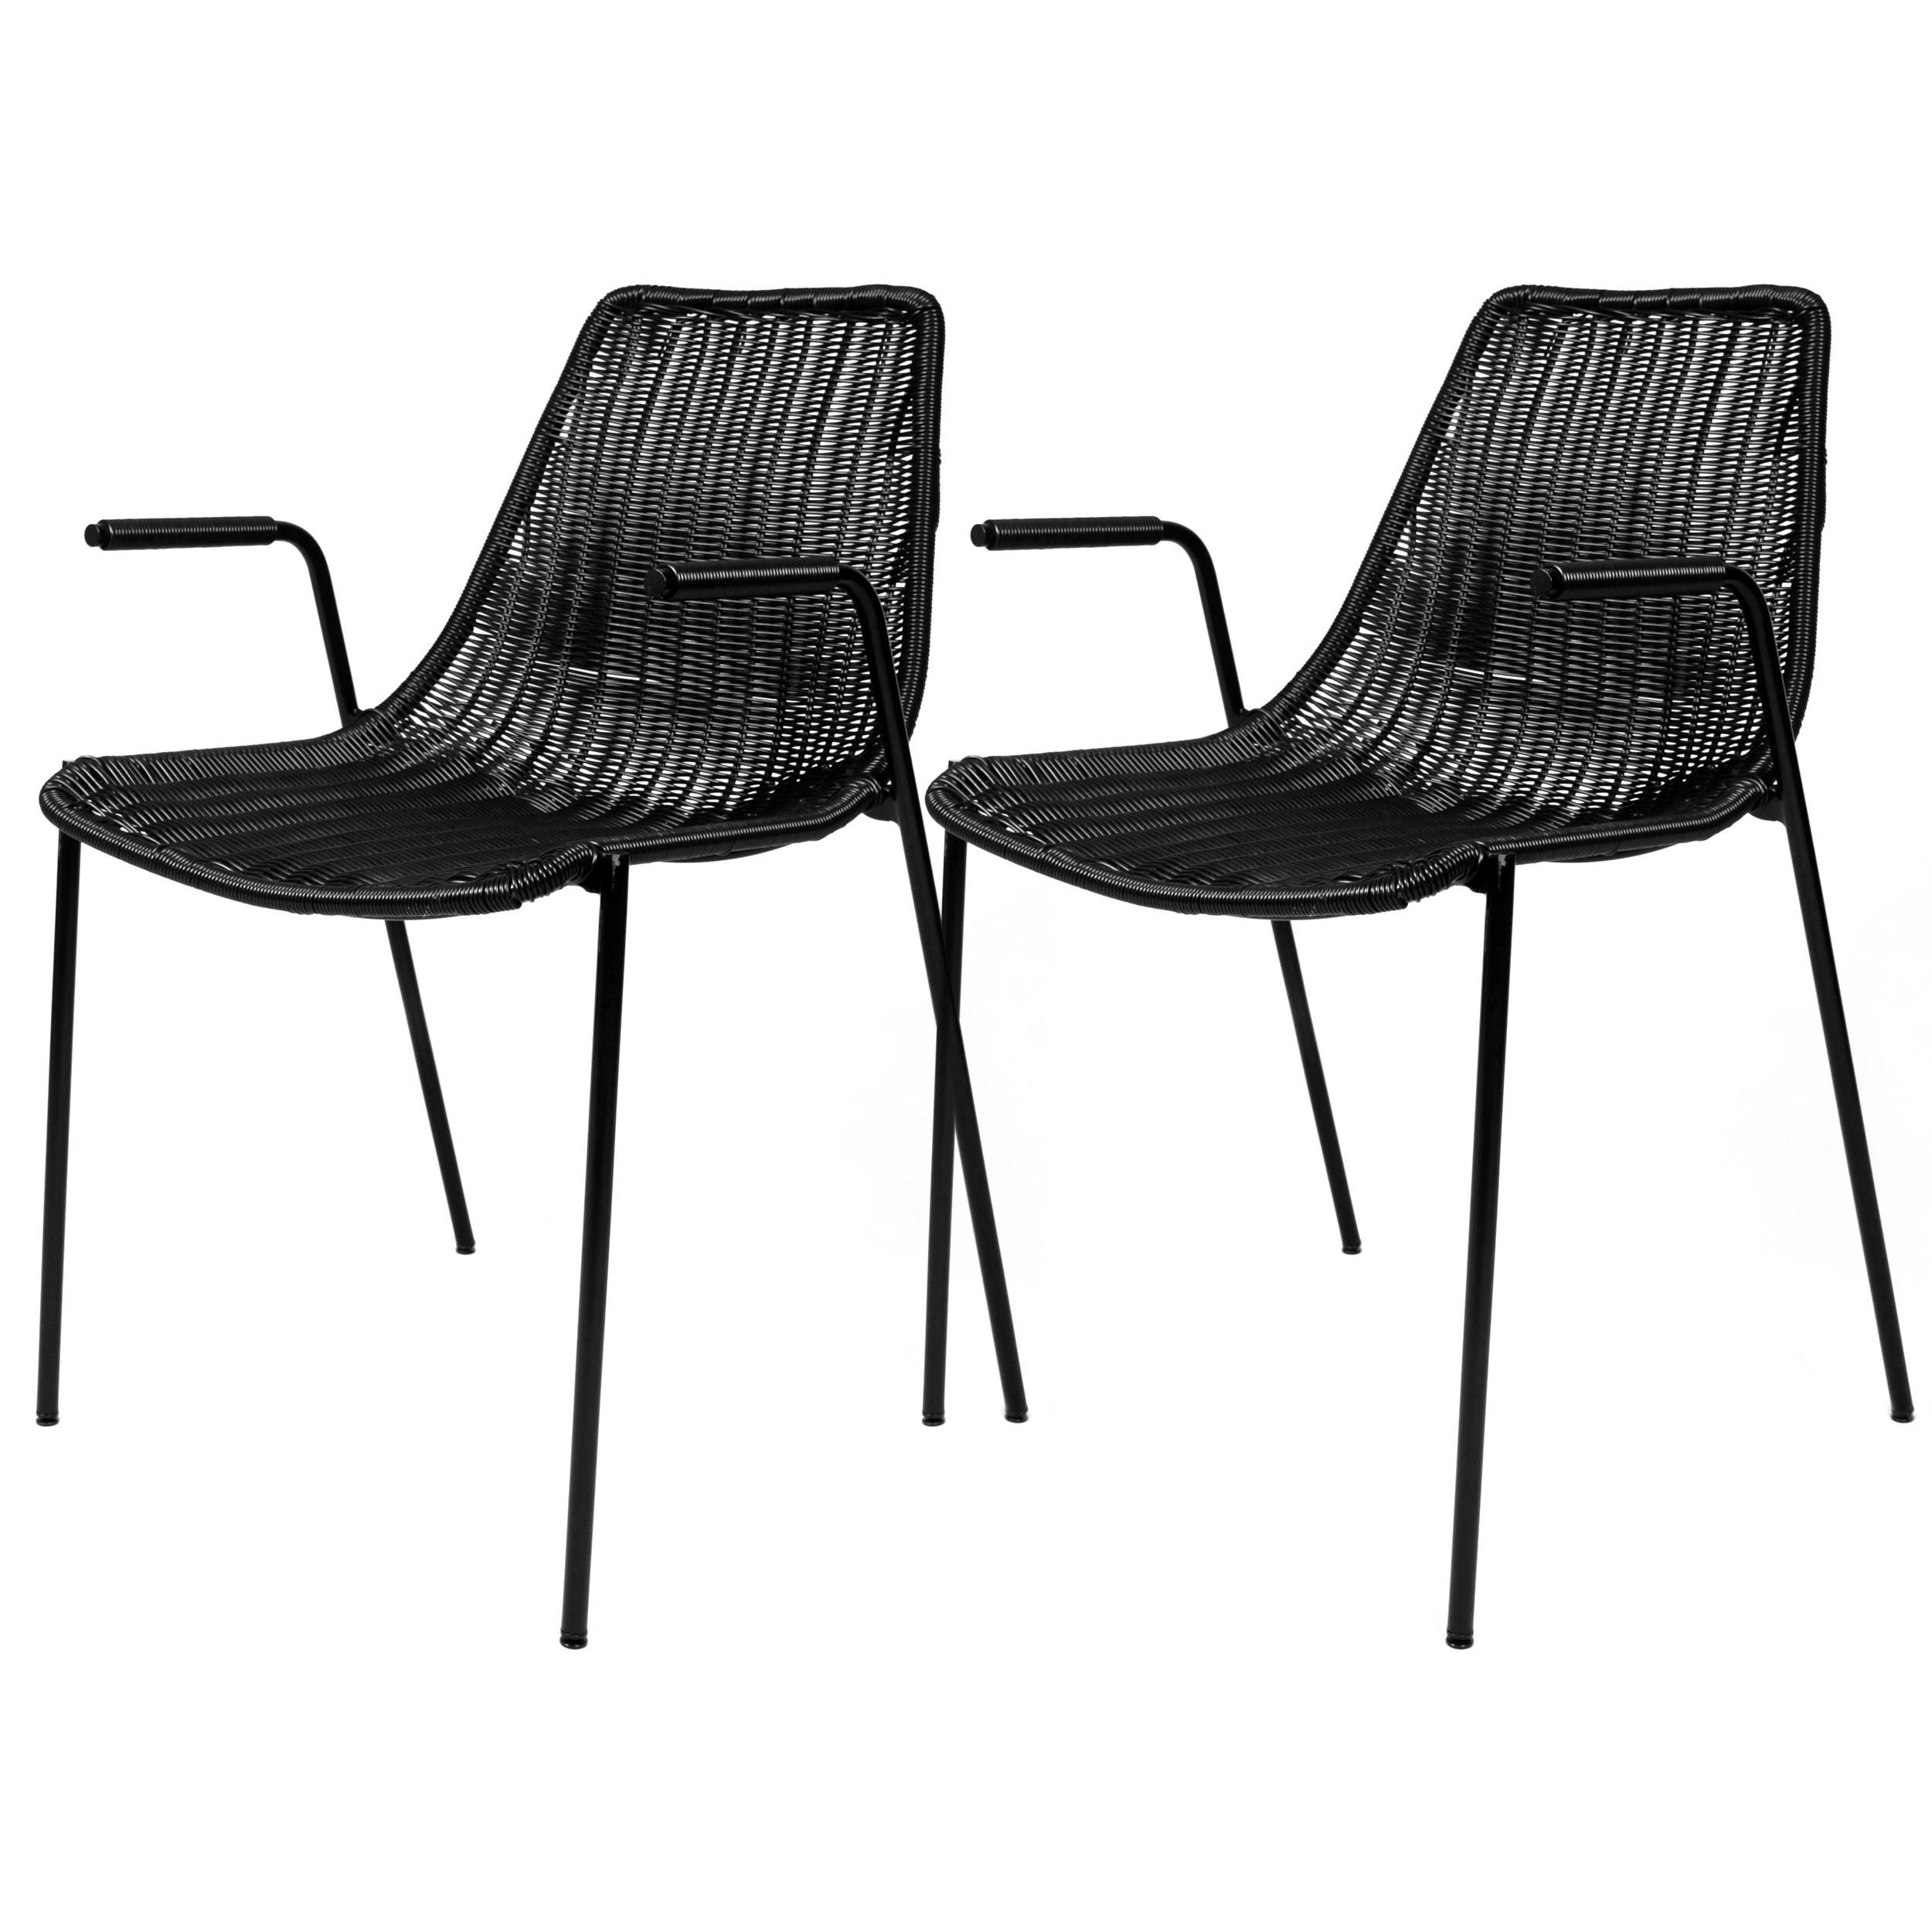 acheter des chaises affordable ou acheter chaise eames chaise coque bois vintage recherche. Black Bedroom Furniture Sets. Home Design Ideas